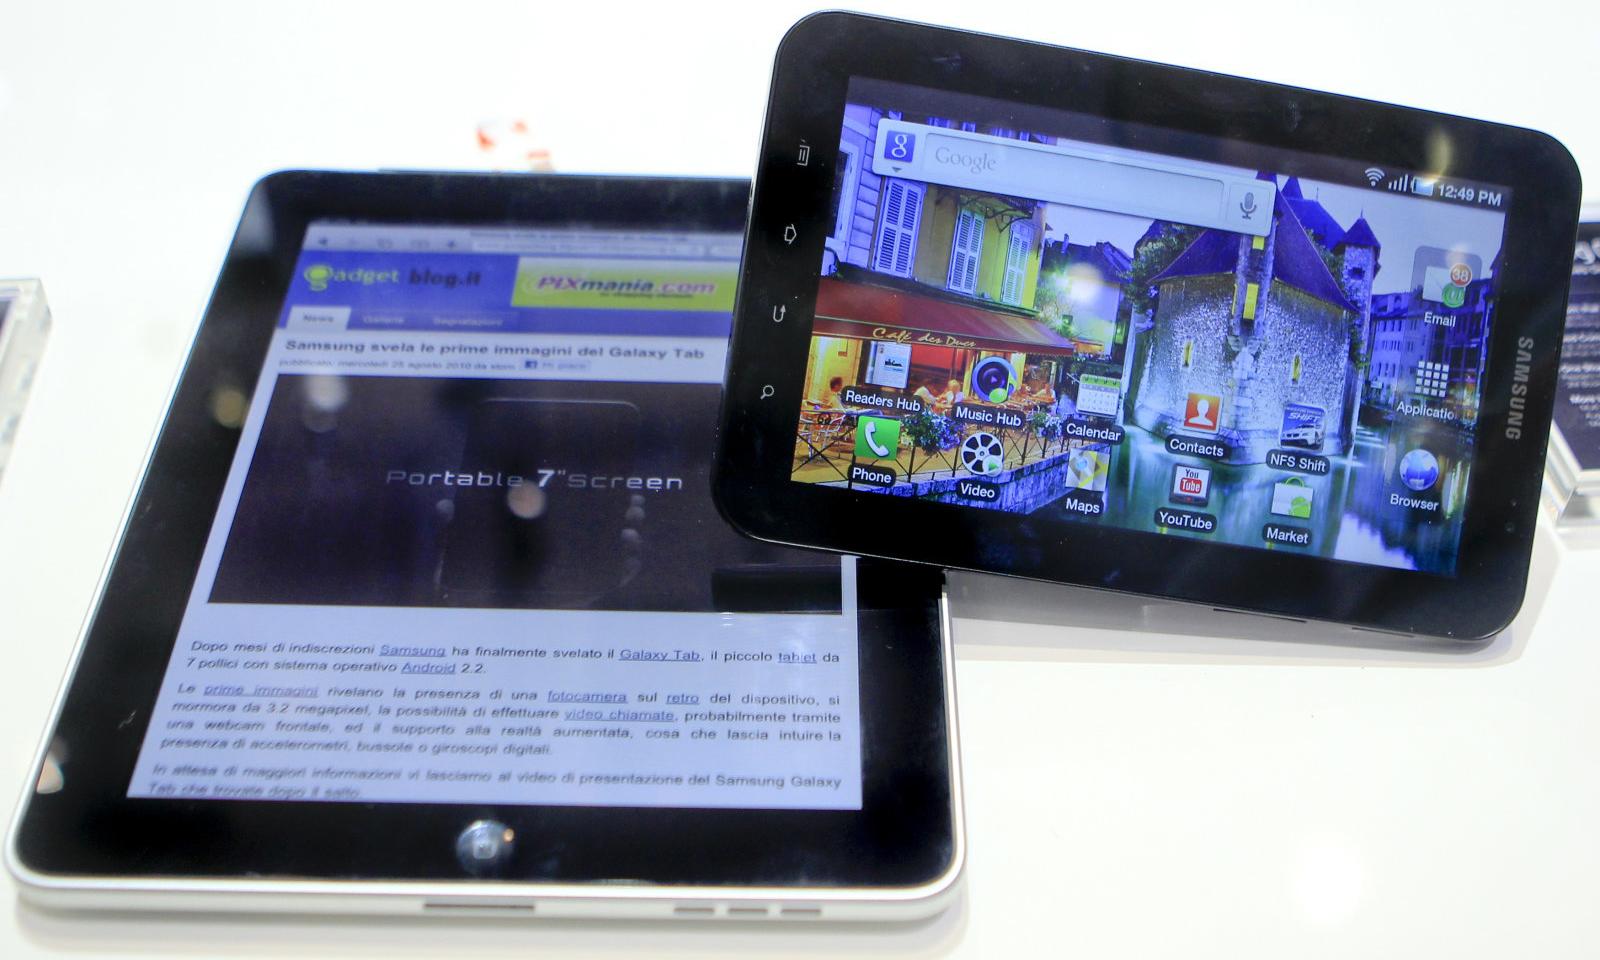 陪审团裁决三星要给苹果支付 5.39 亿美金的专利赔偿金